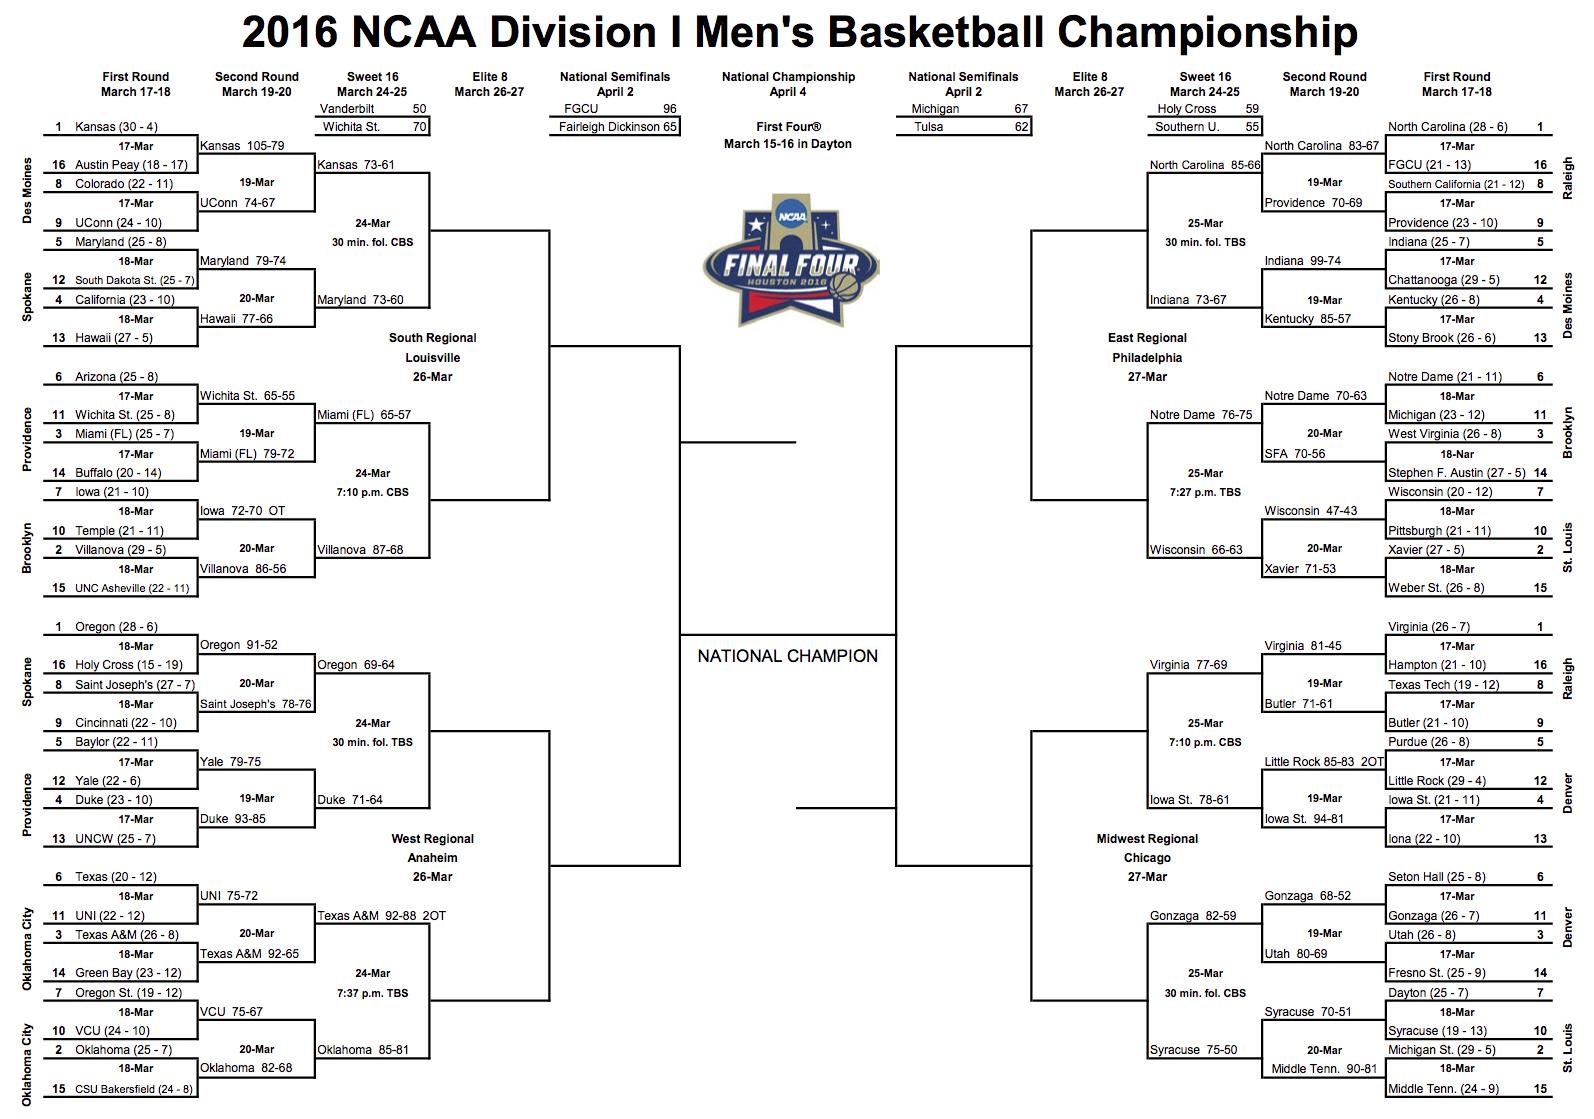 2016 NCAA Division I Men's Basketball Bracket - 3.20.16